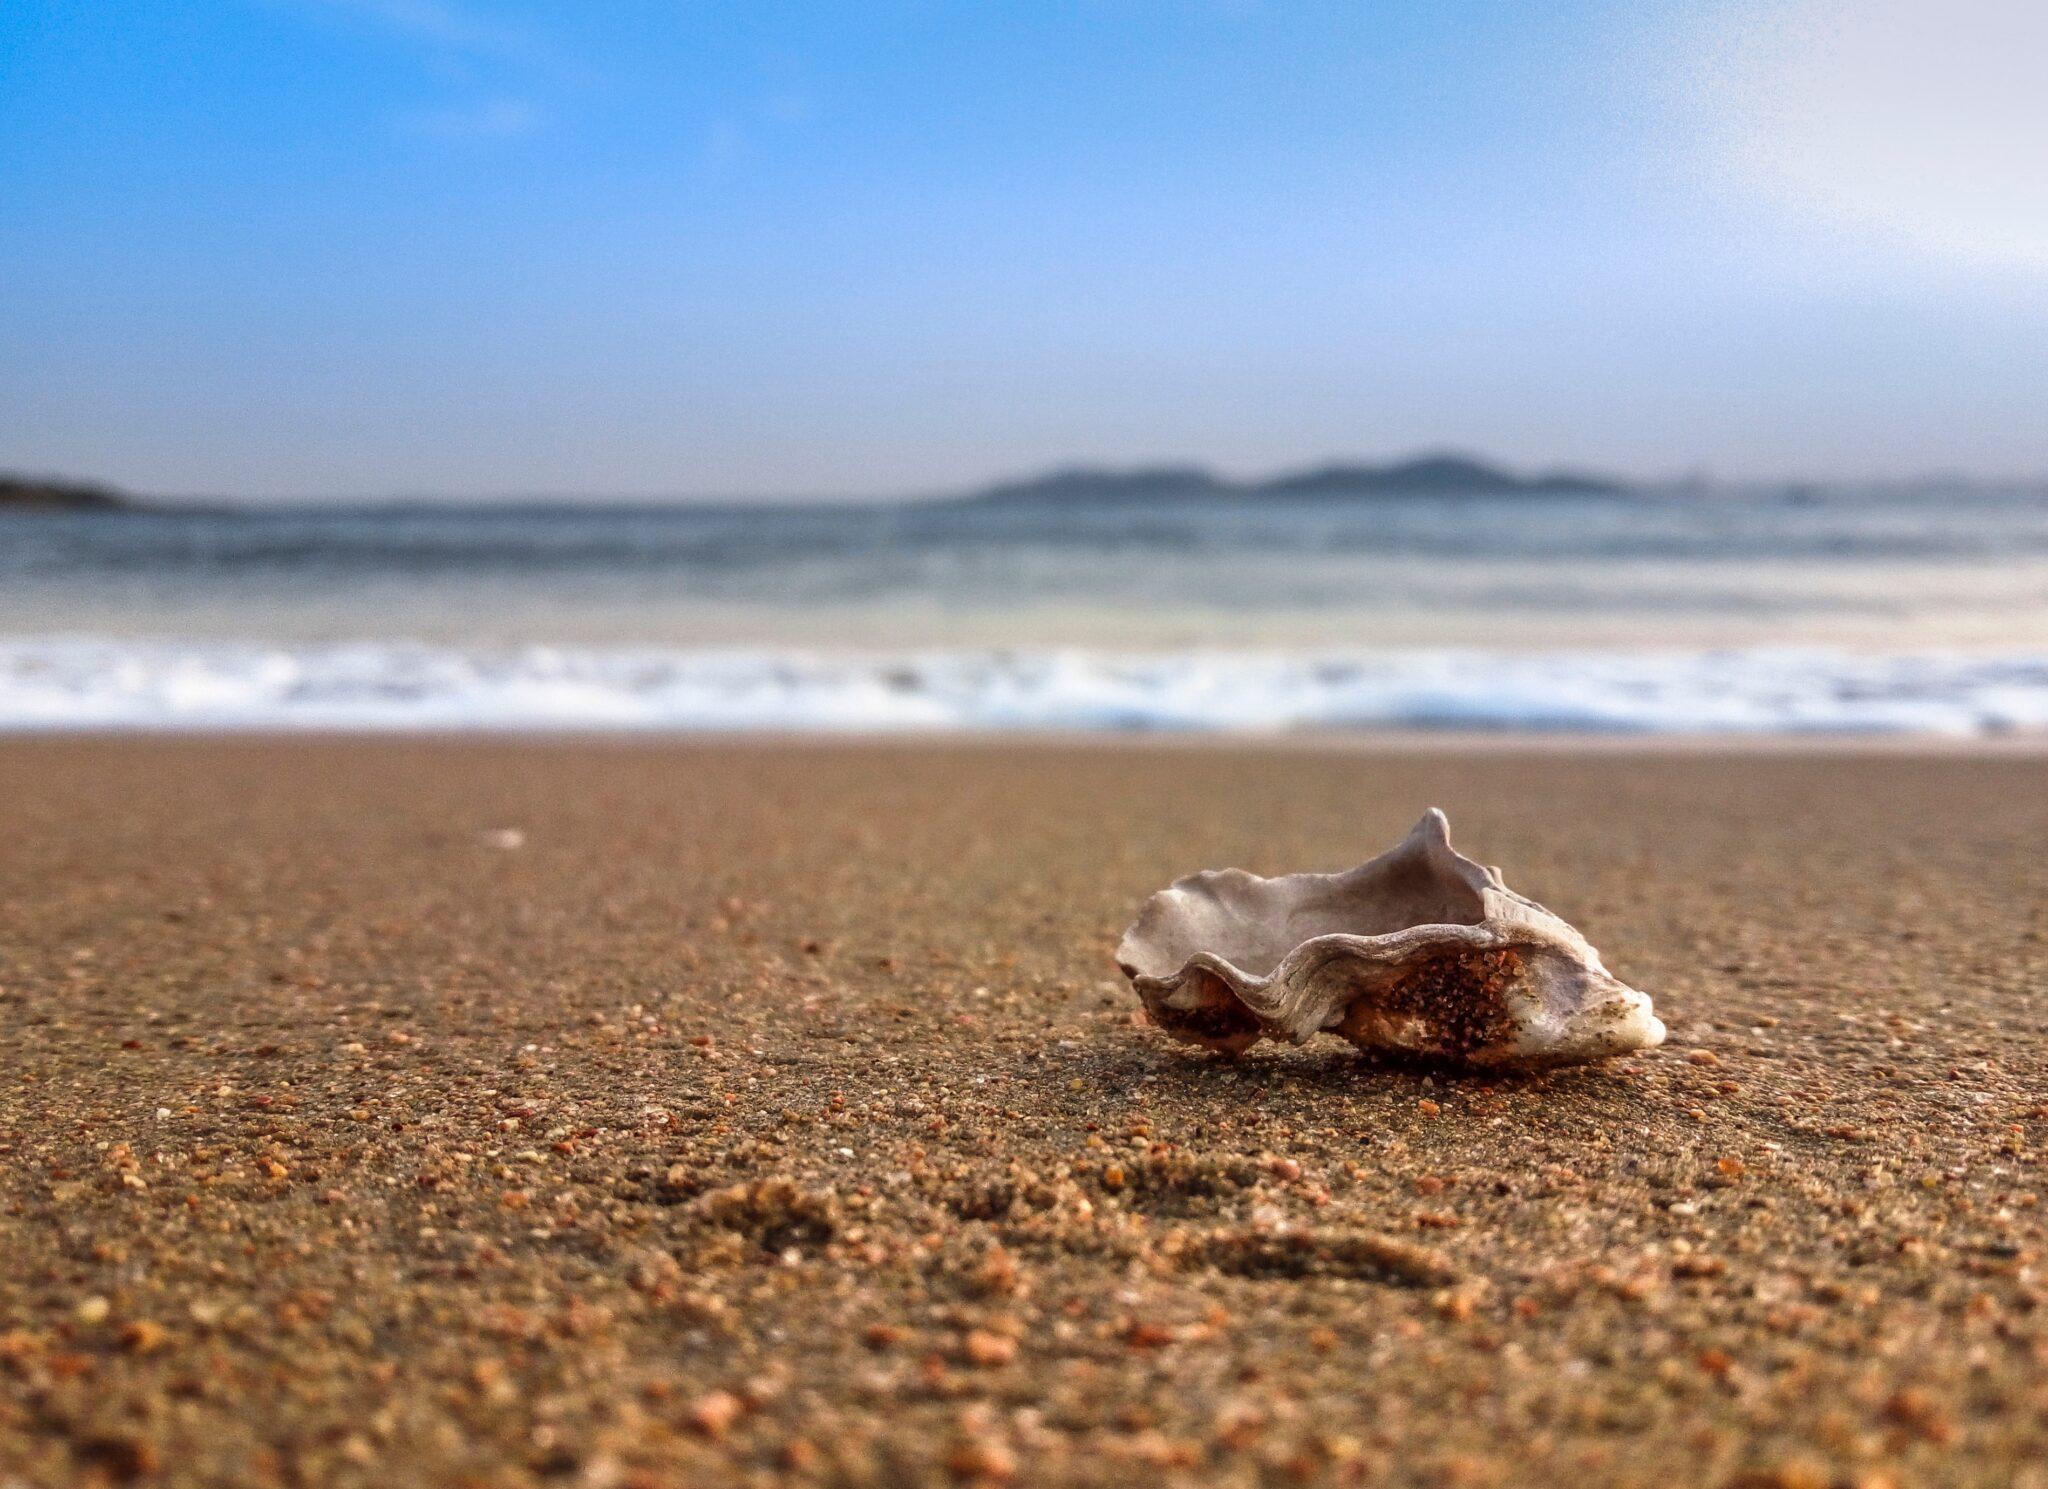 Sand am Meer mit Muschel im Vordergrund